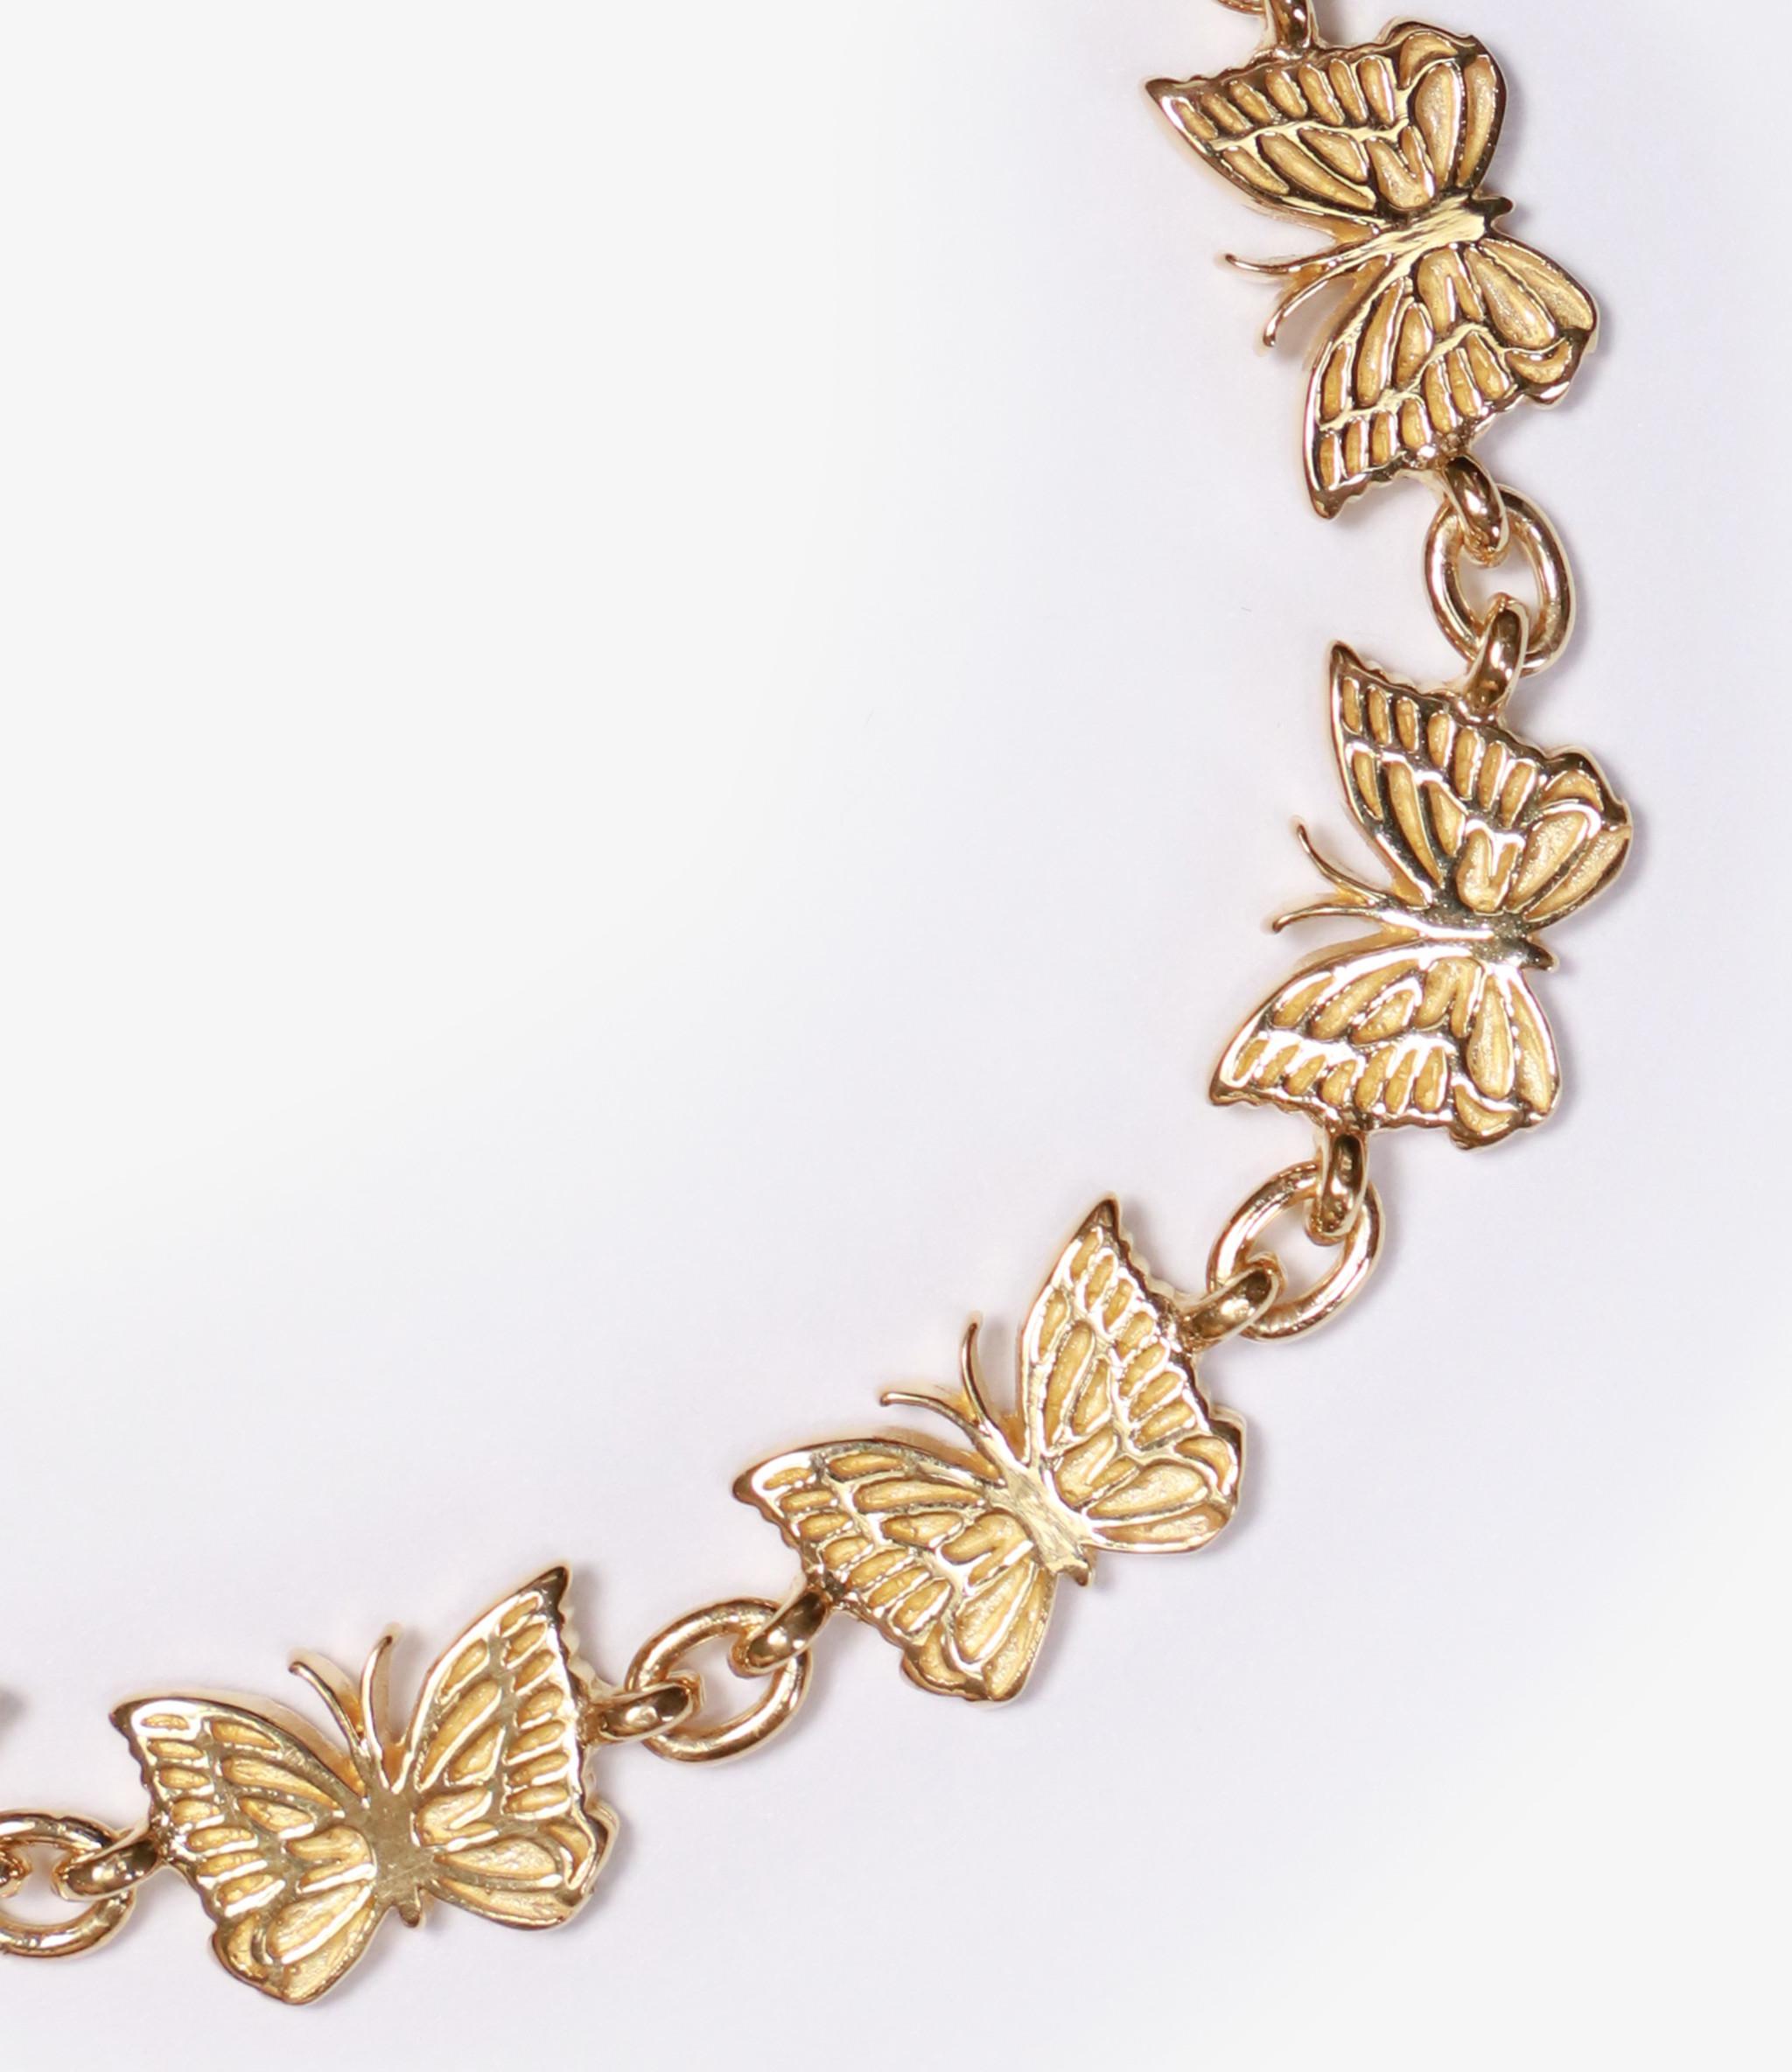 Needles Bracelet - Gold Plate - Papillon L